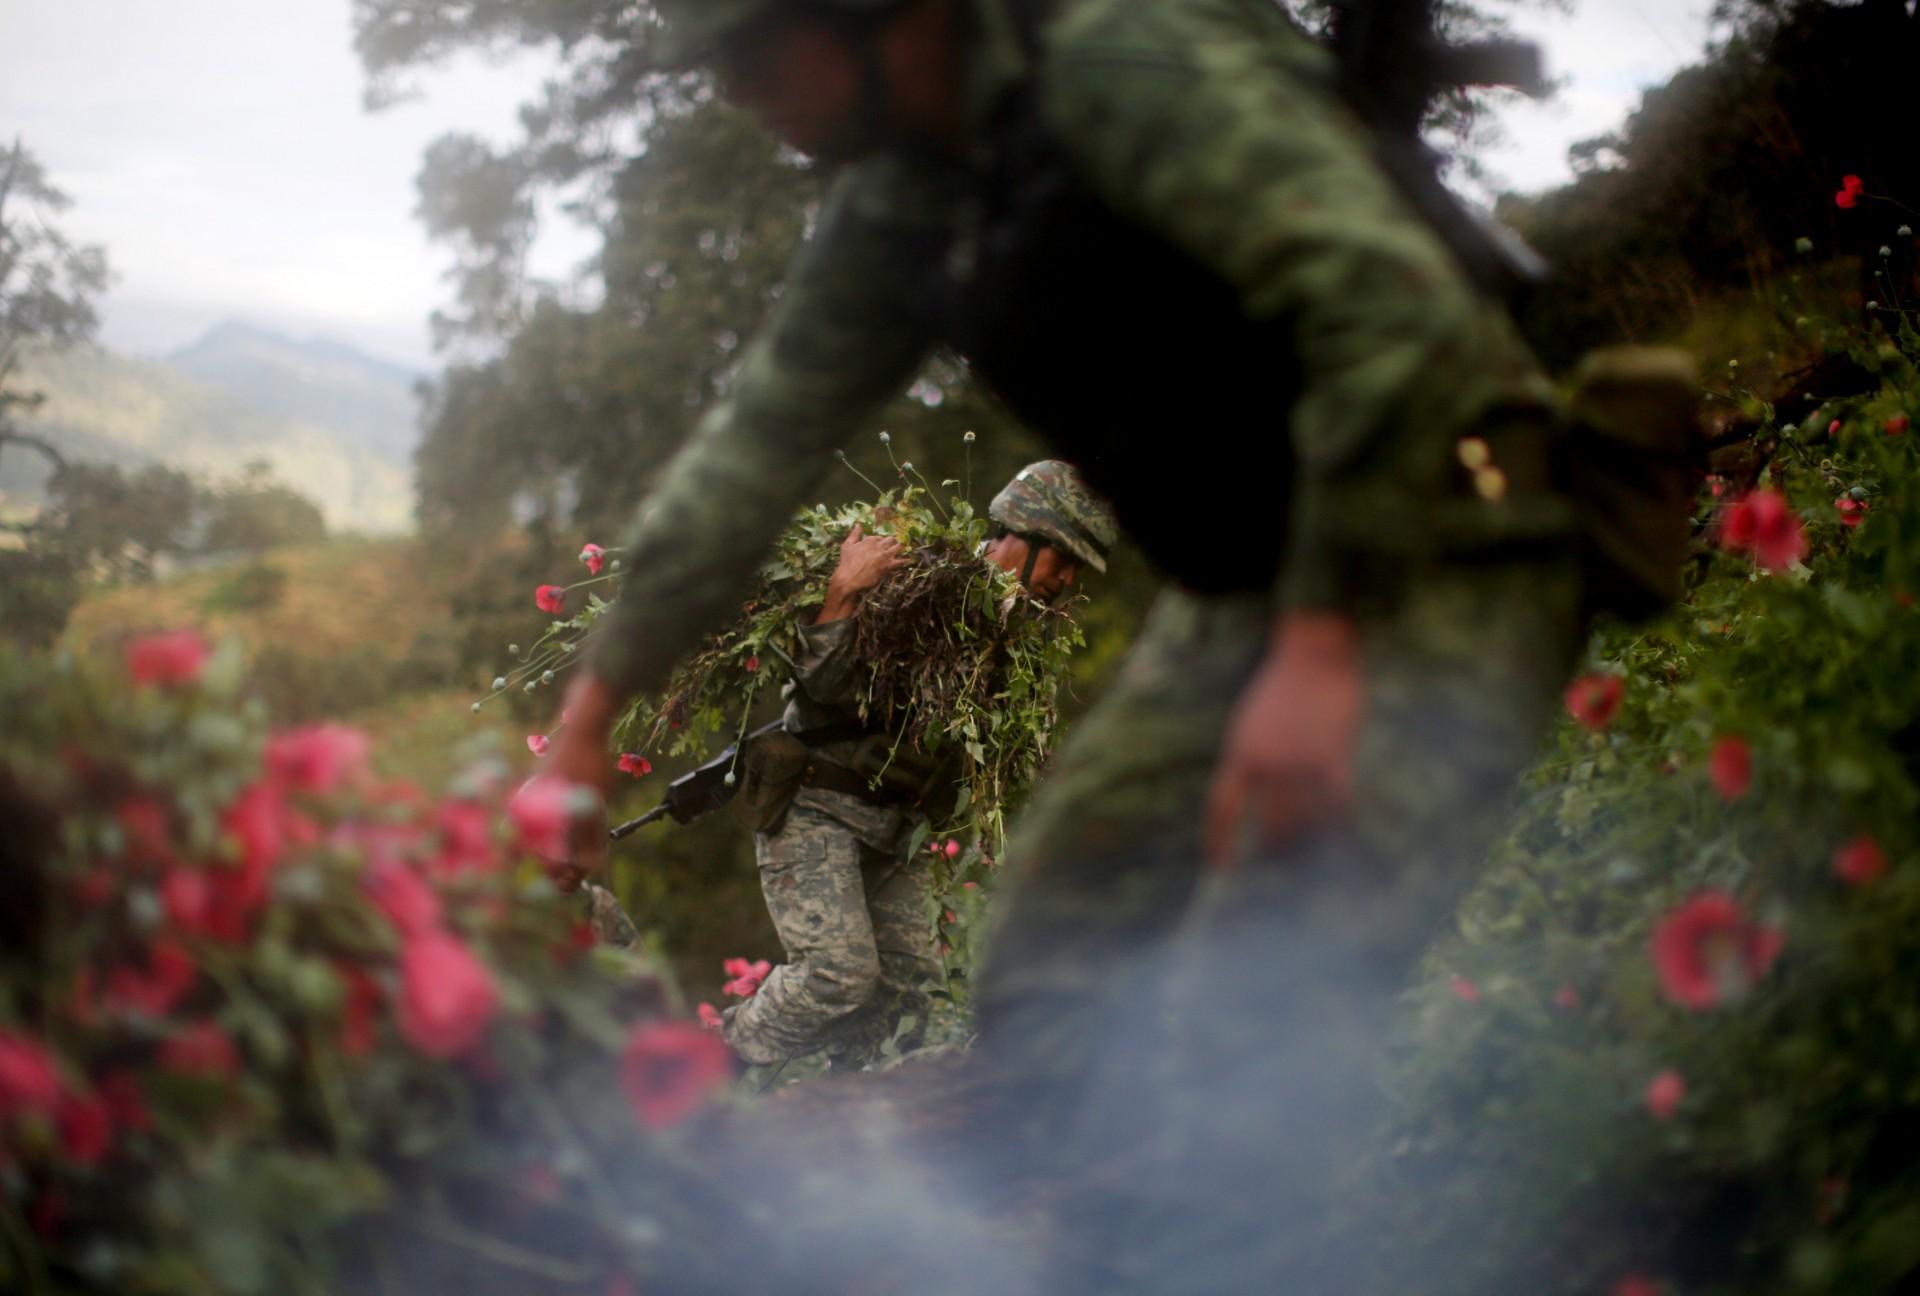 Los soldados cortan amapolas de opio mientras destruyen un campo de plantaciones ilegales en la Sierra Madre del Sur, en el estado sureño de Guerrero, México, el 25 de agosto de 2018.